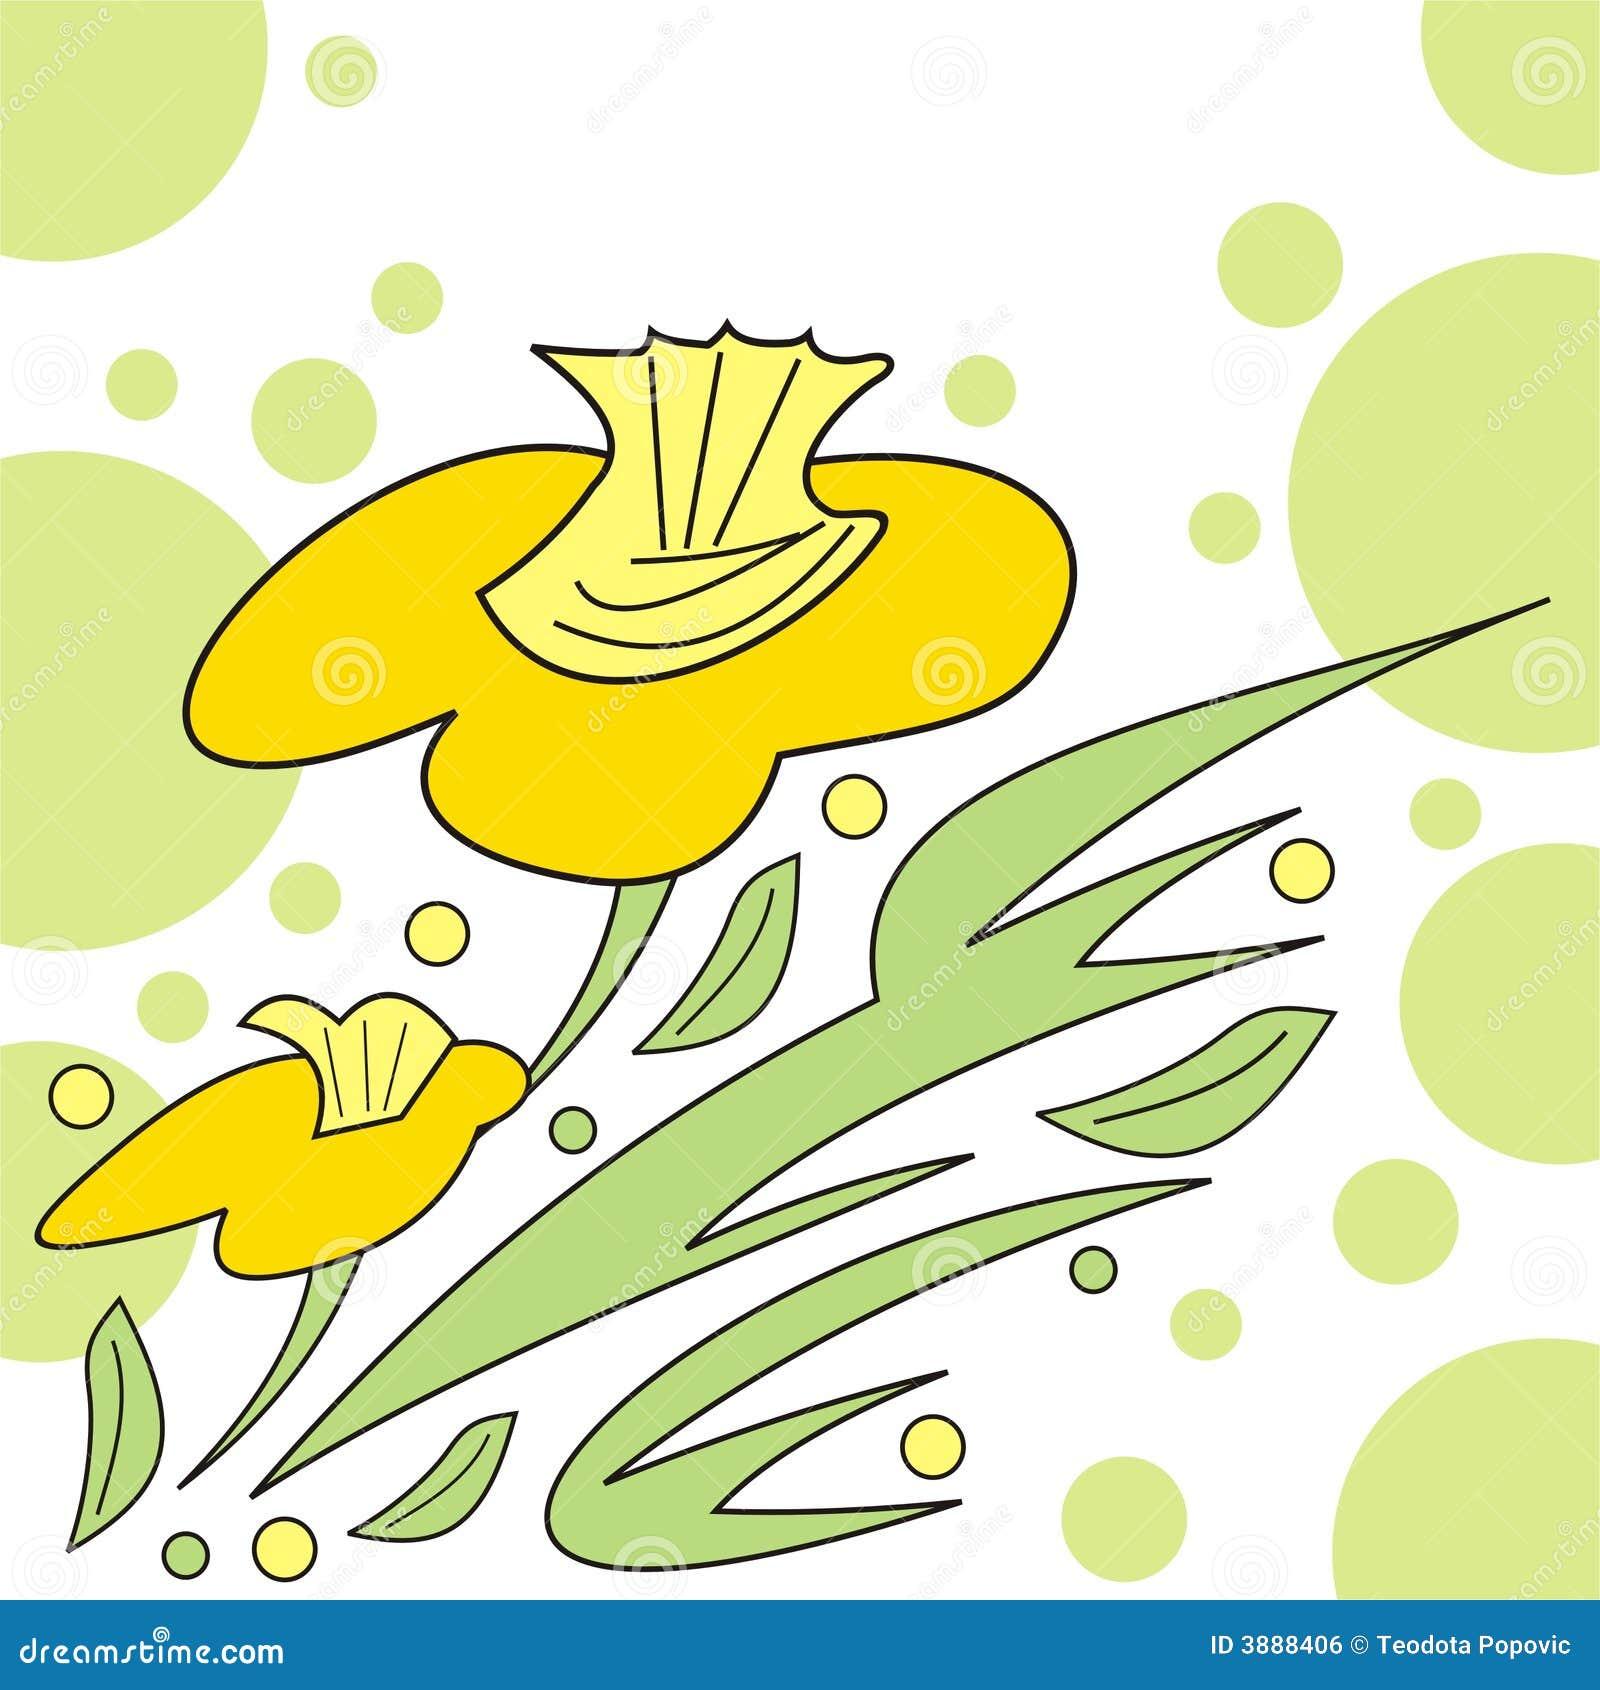 Disegno floreale astratto